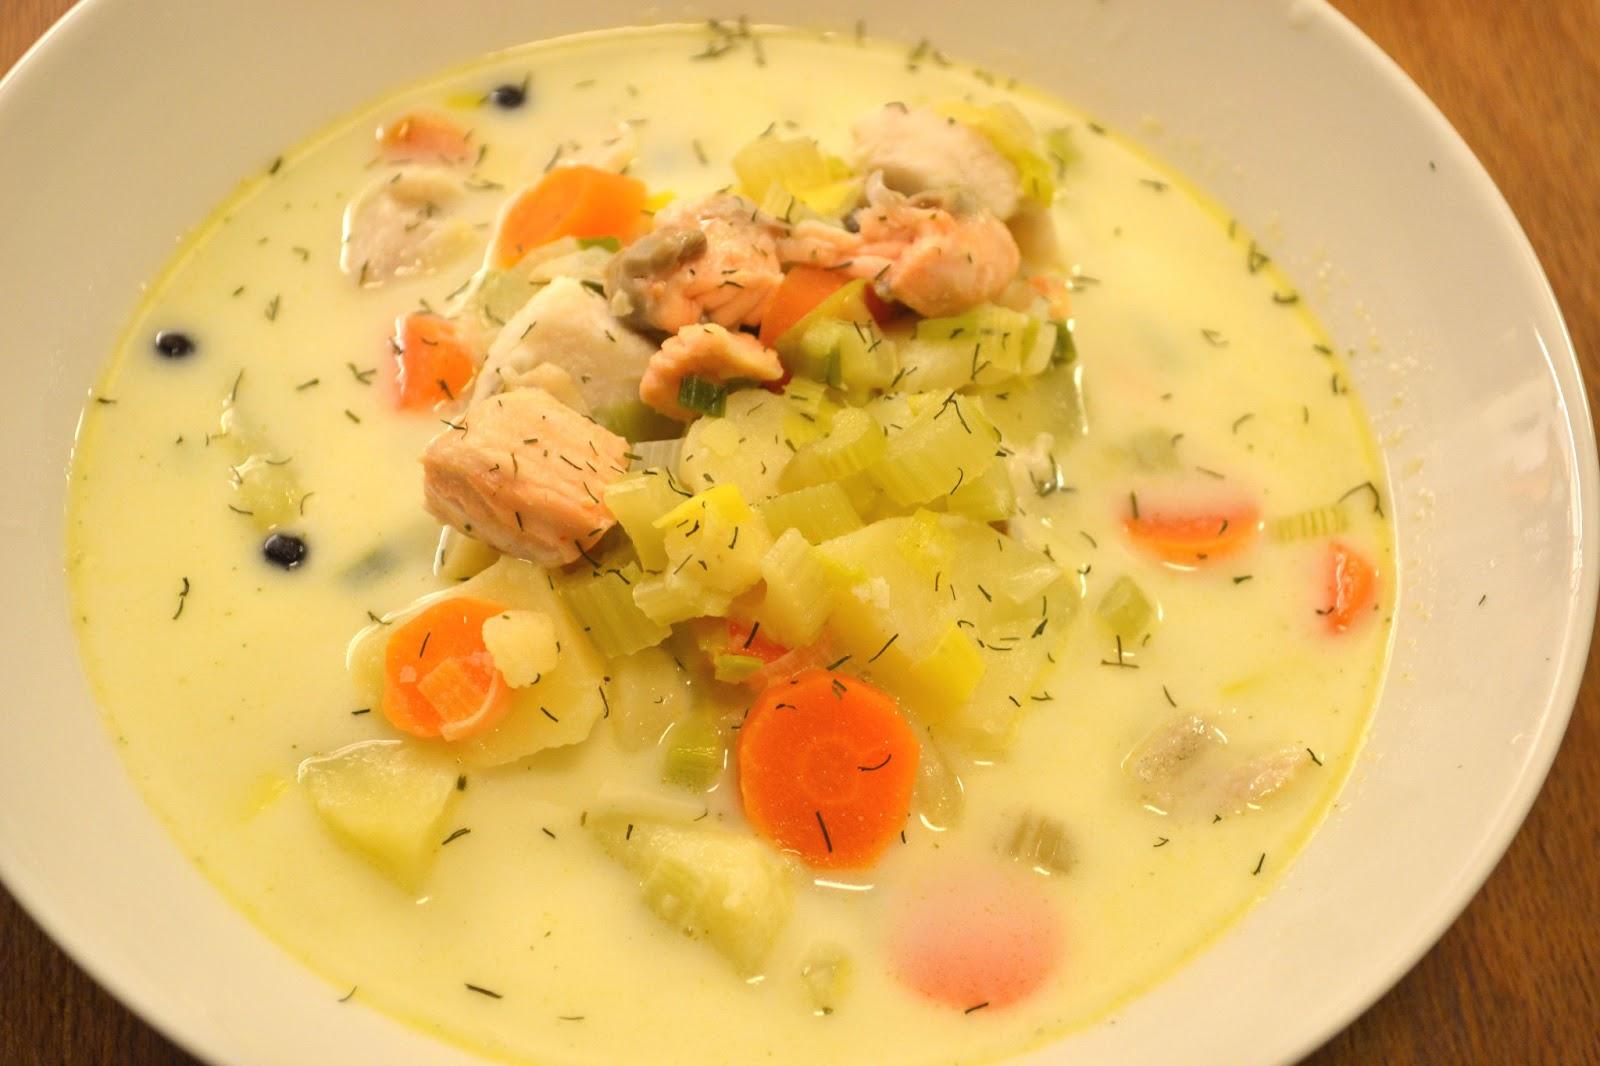 Mastertofu creamy salmon soup for Creamy fish soup recipe